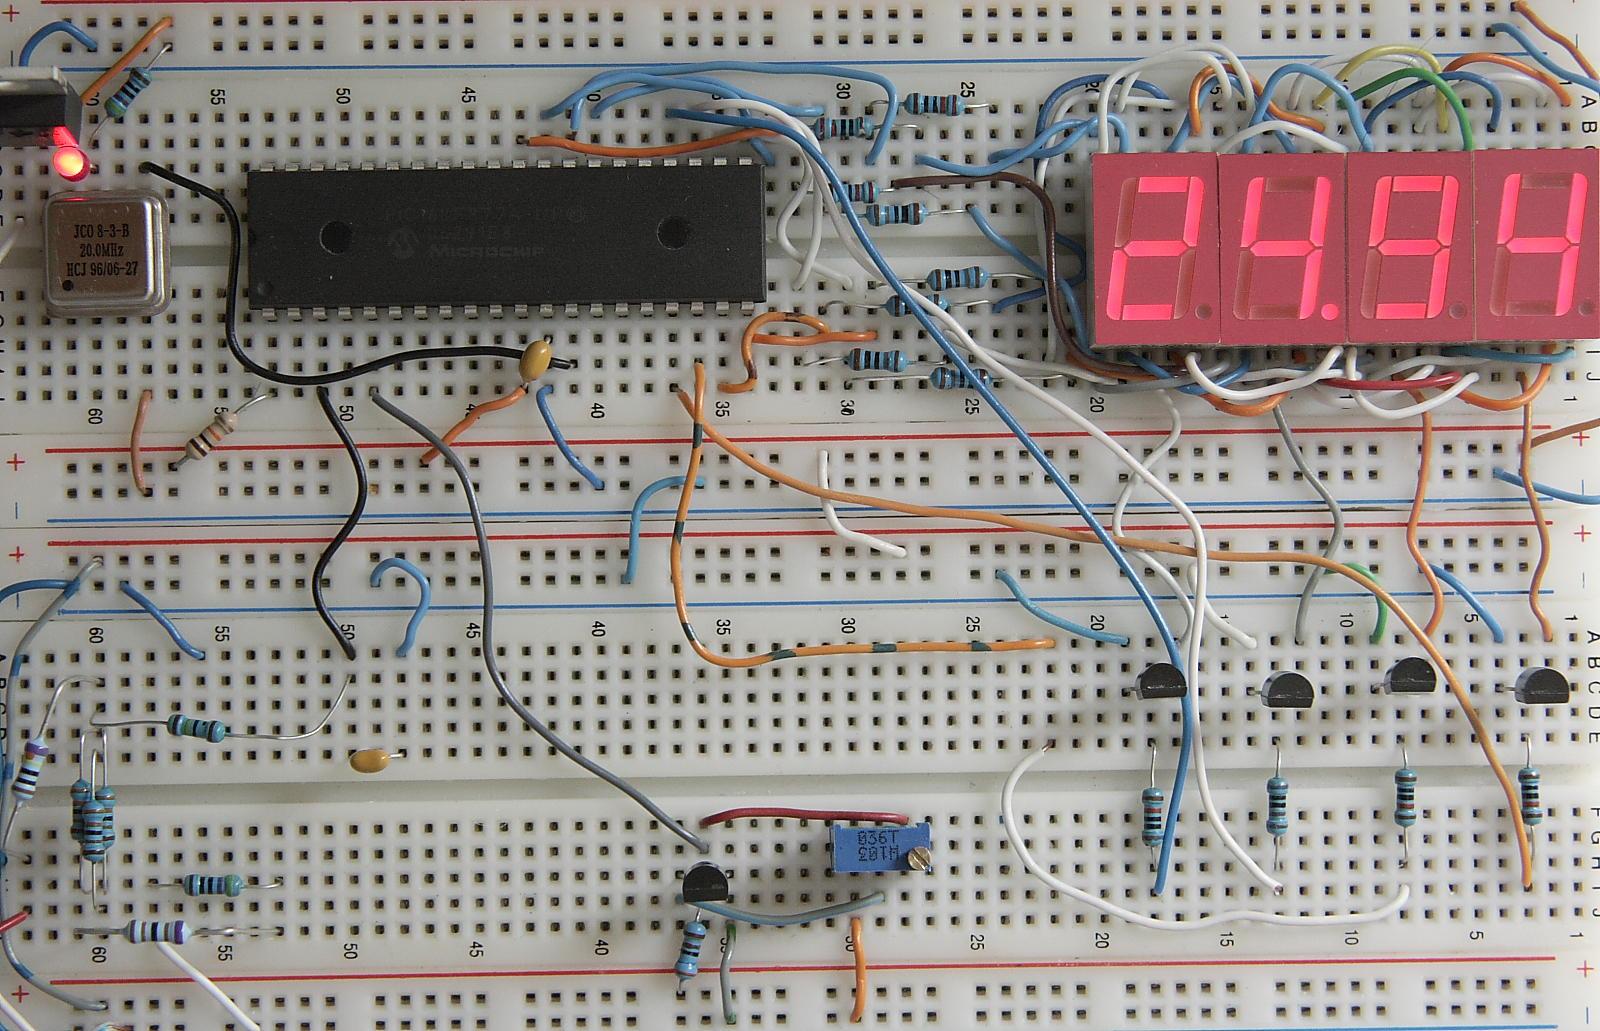 Digital Voltmeter Led Display Circuit Design Prototype Board